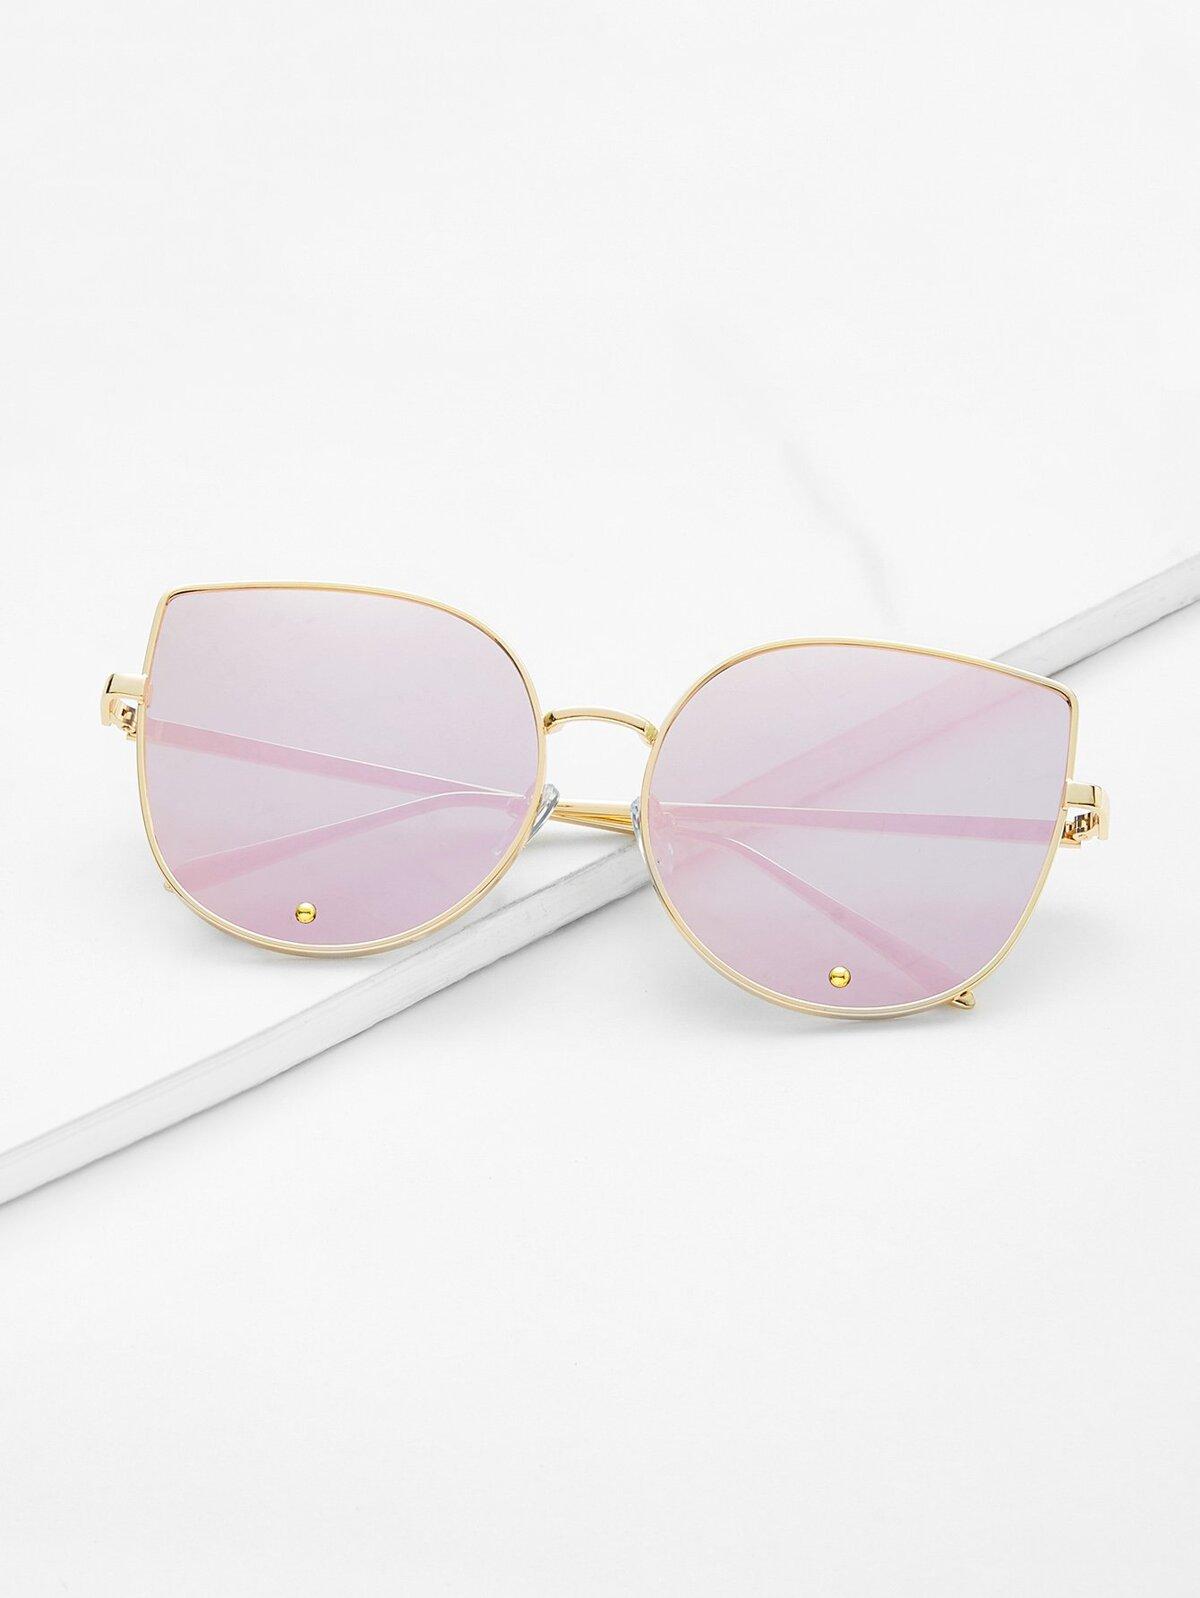 金色 框 粉紅色 貓眼 時尚 太陽眼鏡